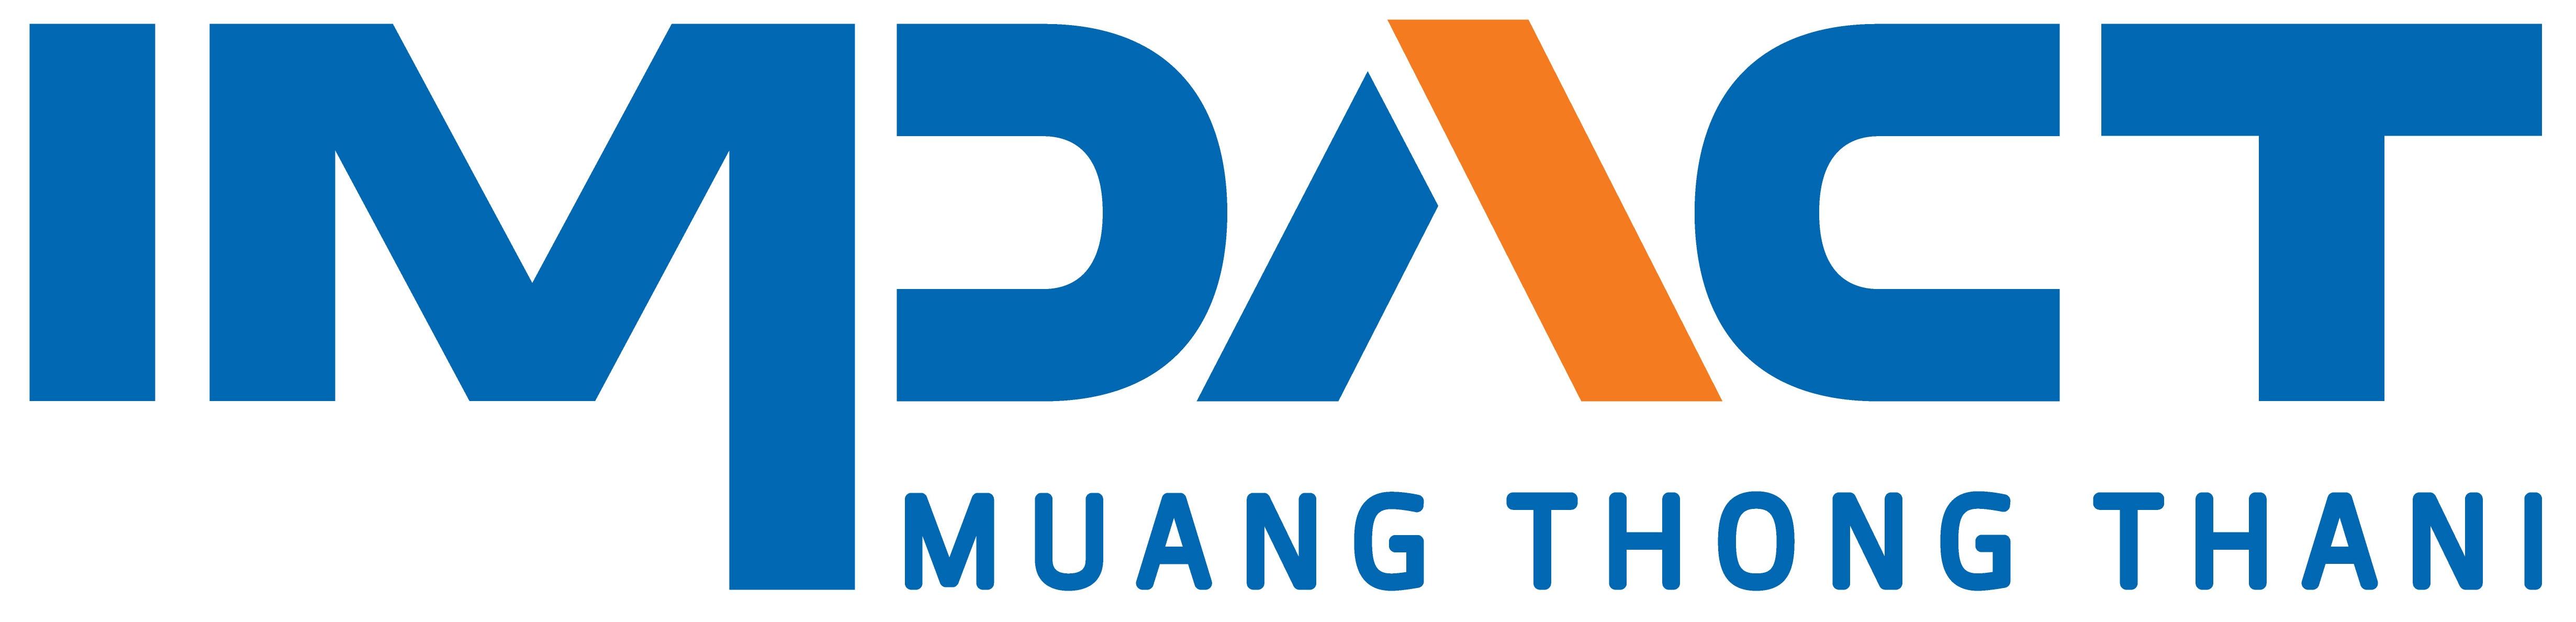 IMPACT EXHIBITION MANAGEMENT CO. LTD logo Our Clientele